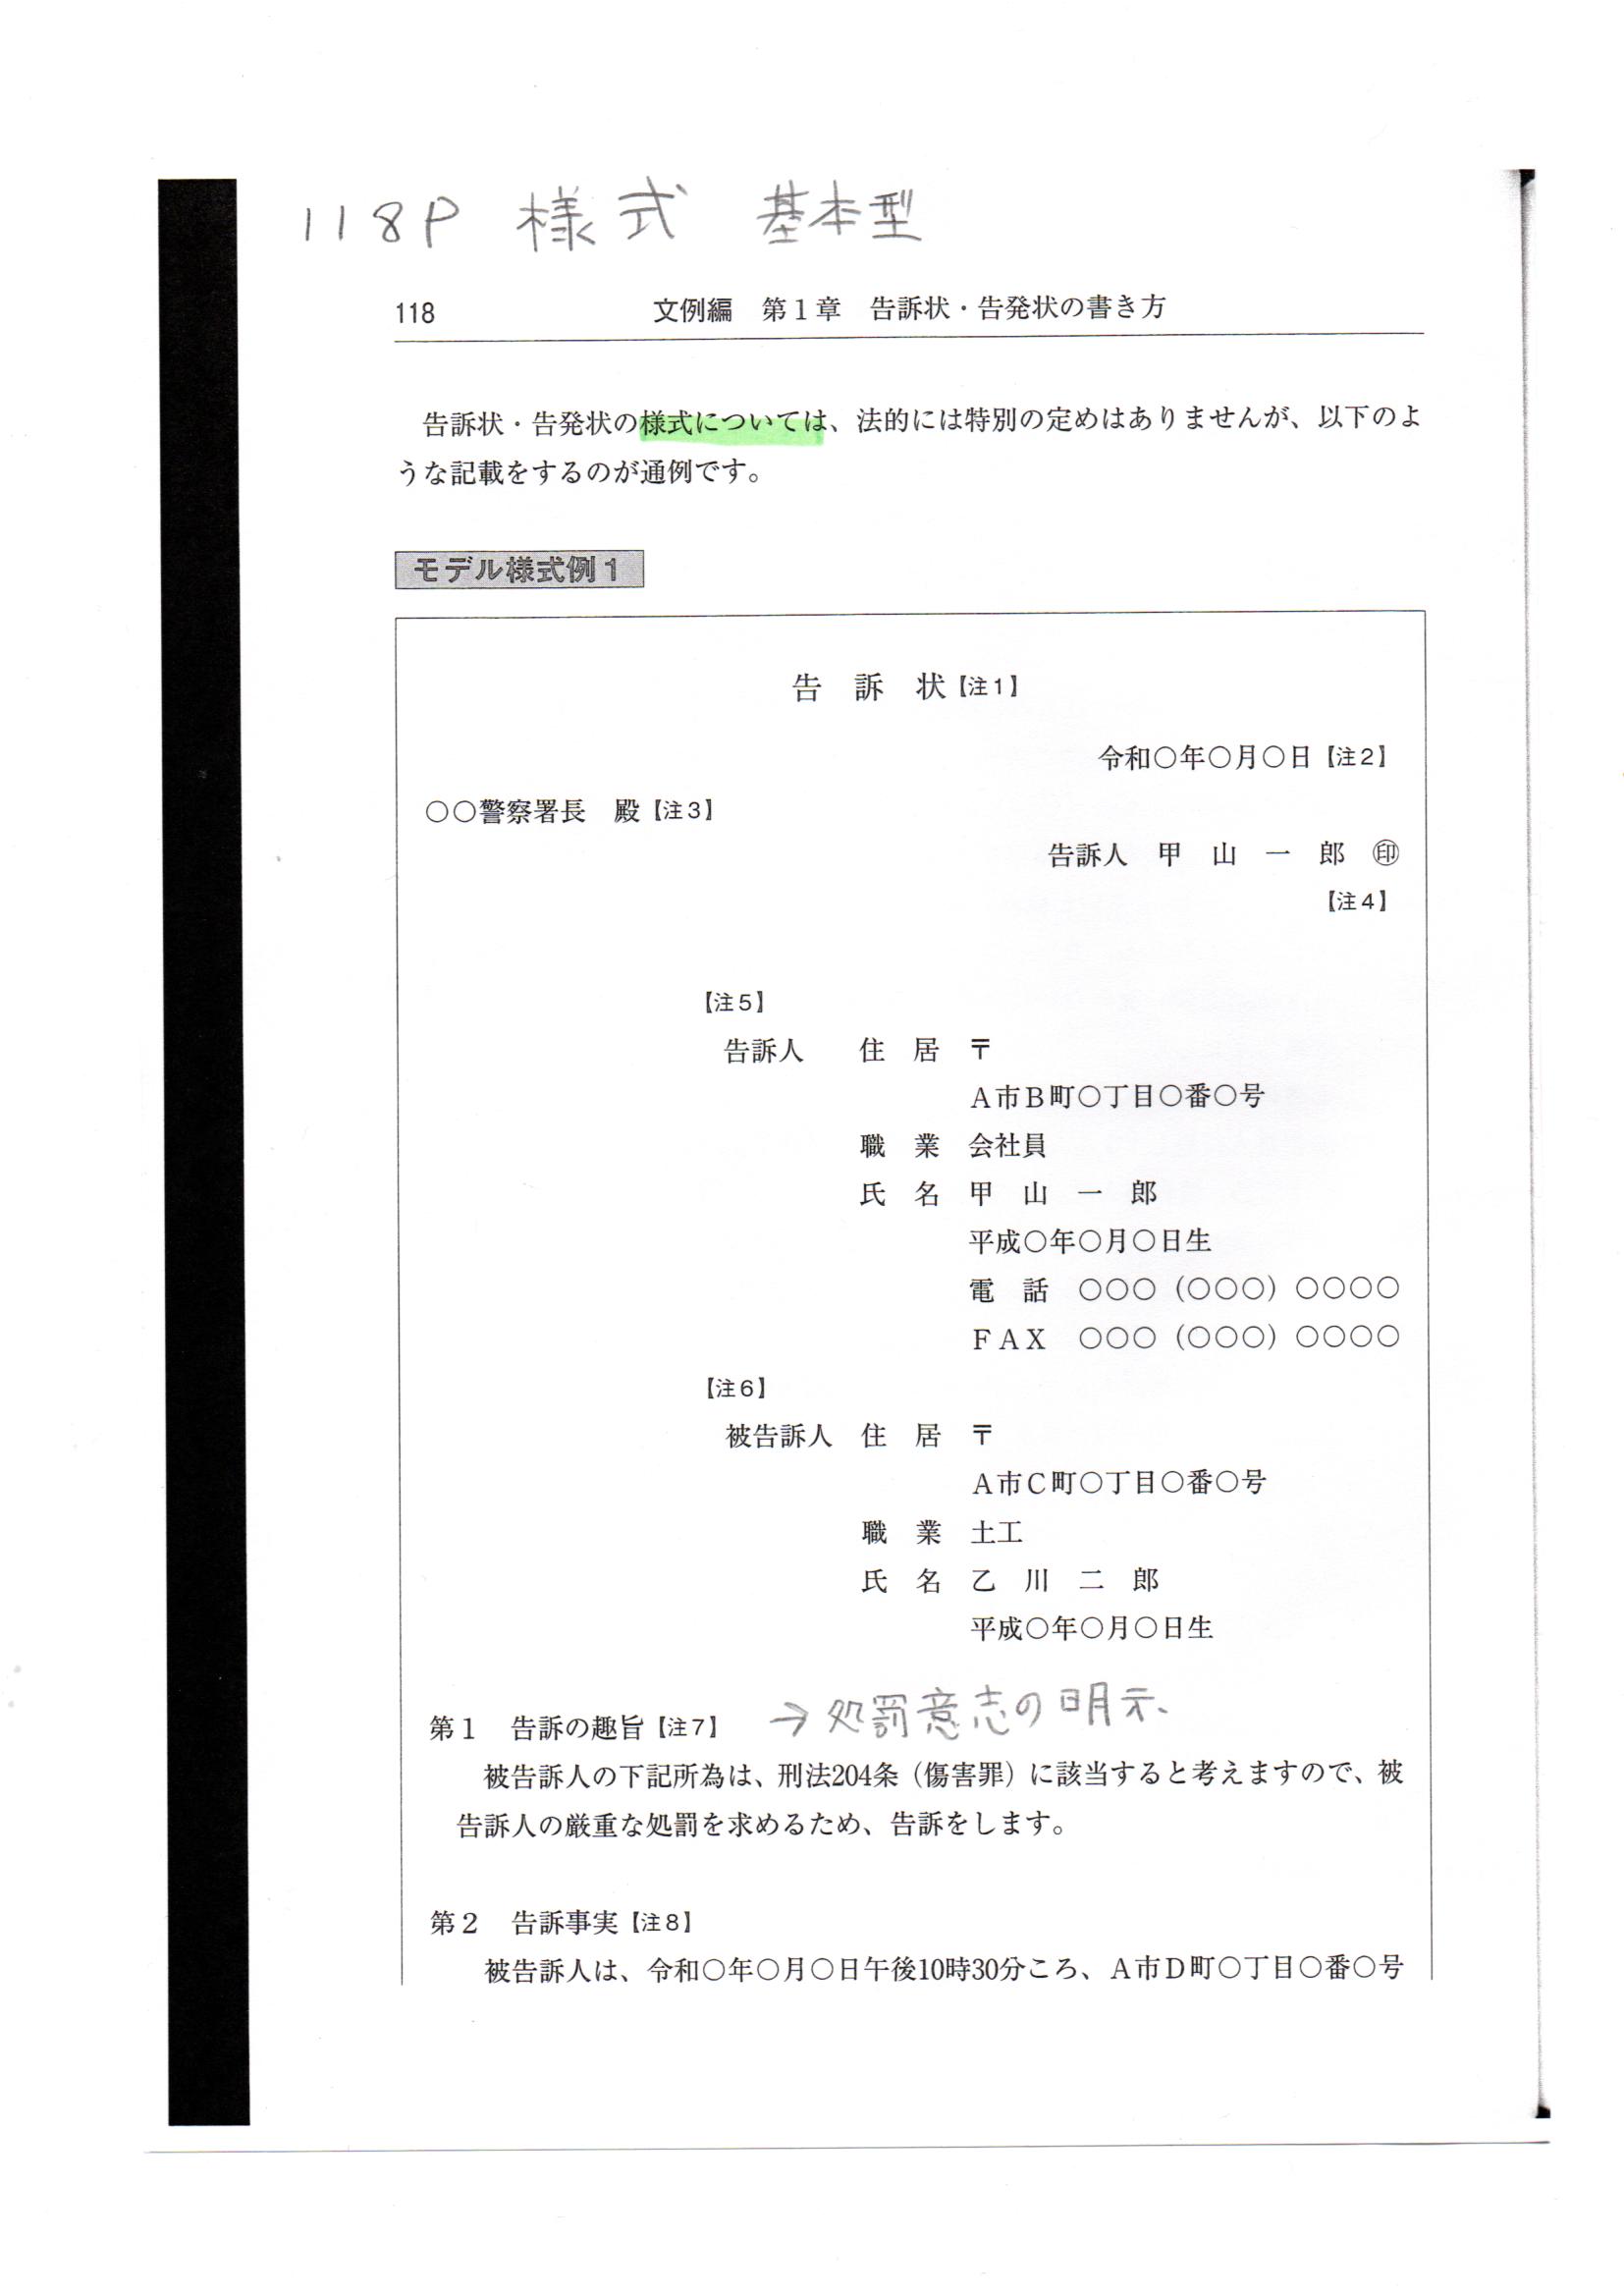 資料 告訴状の書式 #曽木徹也検事正 #中村孝検事正 #上冨敏伸検事正 ...